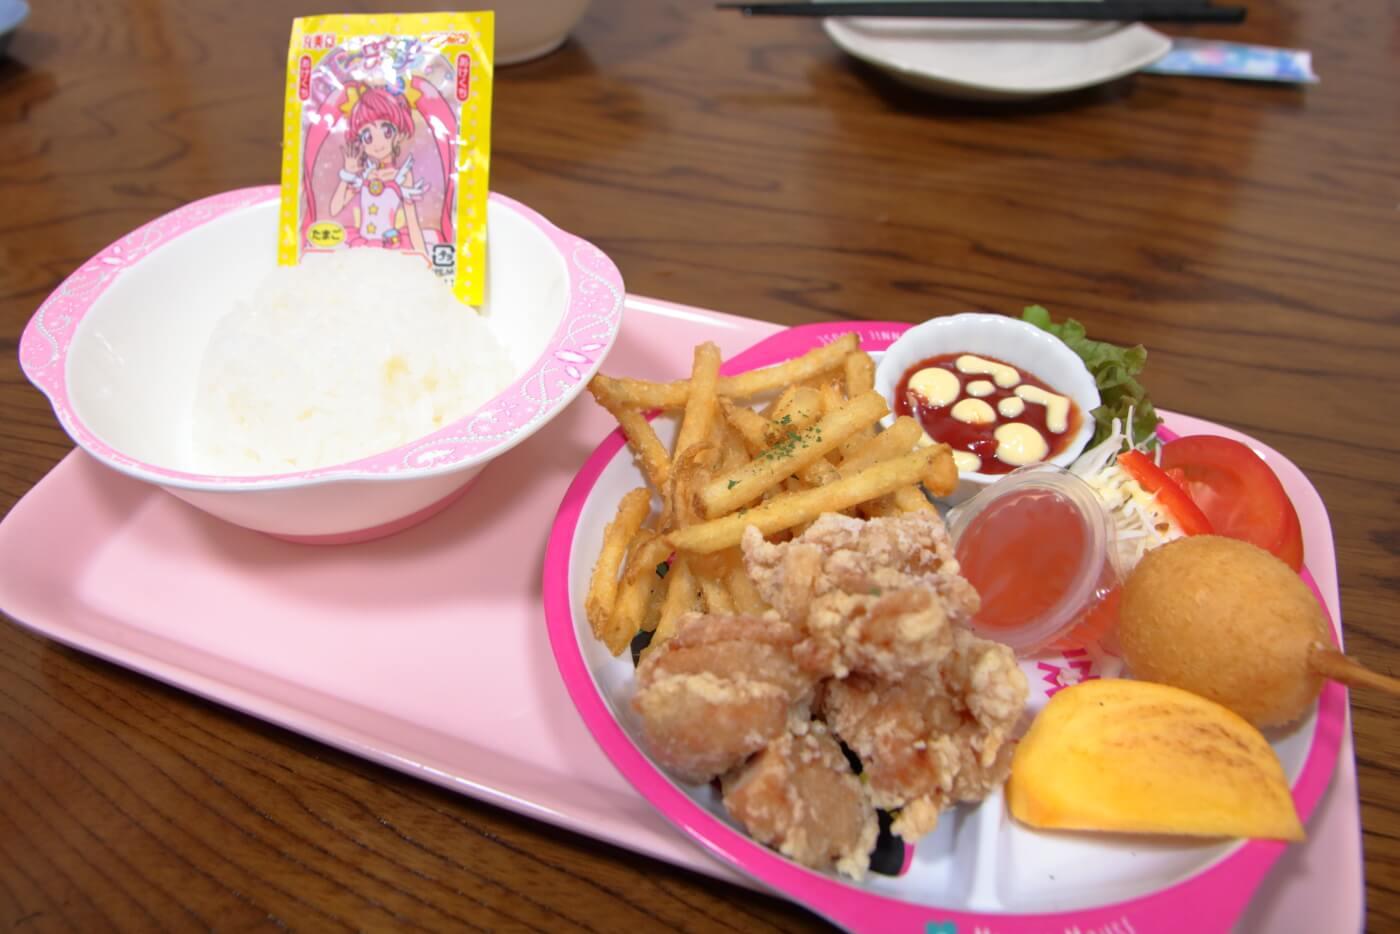 高知市の居酒屋 土佐八右衛門(とさはちえもん) 料理